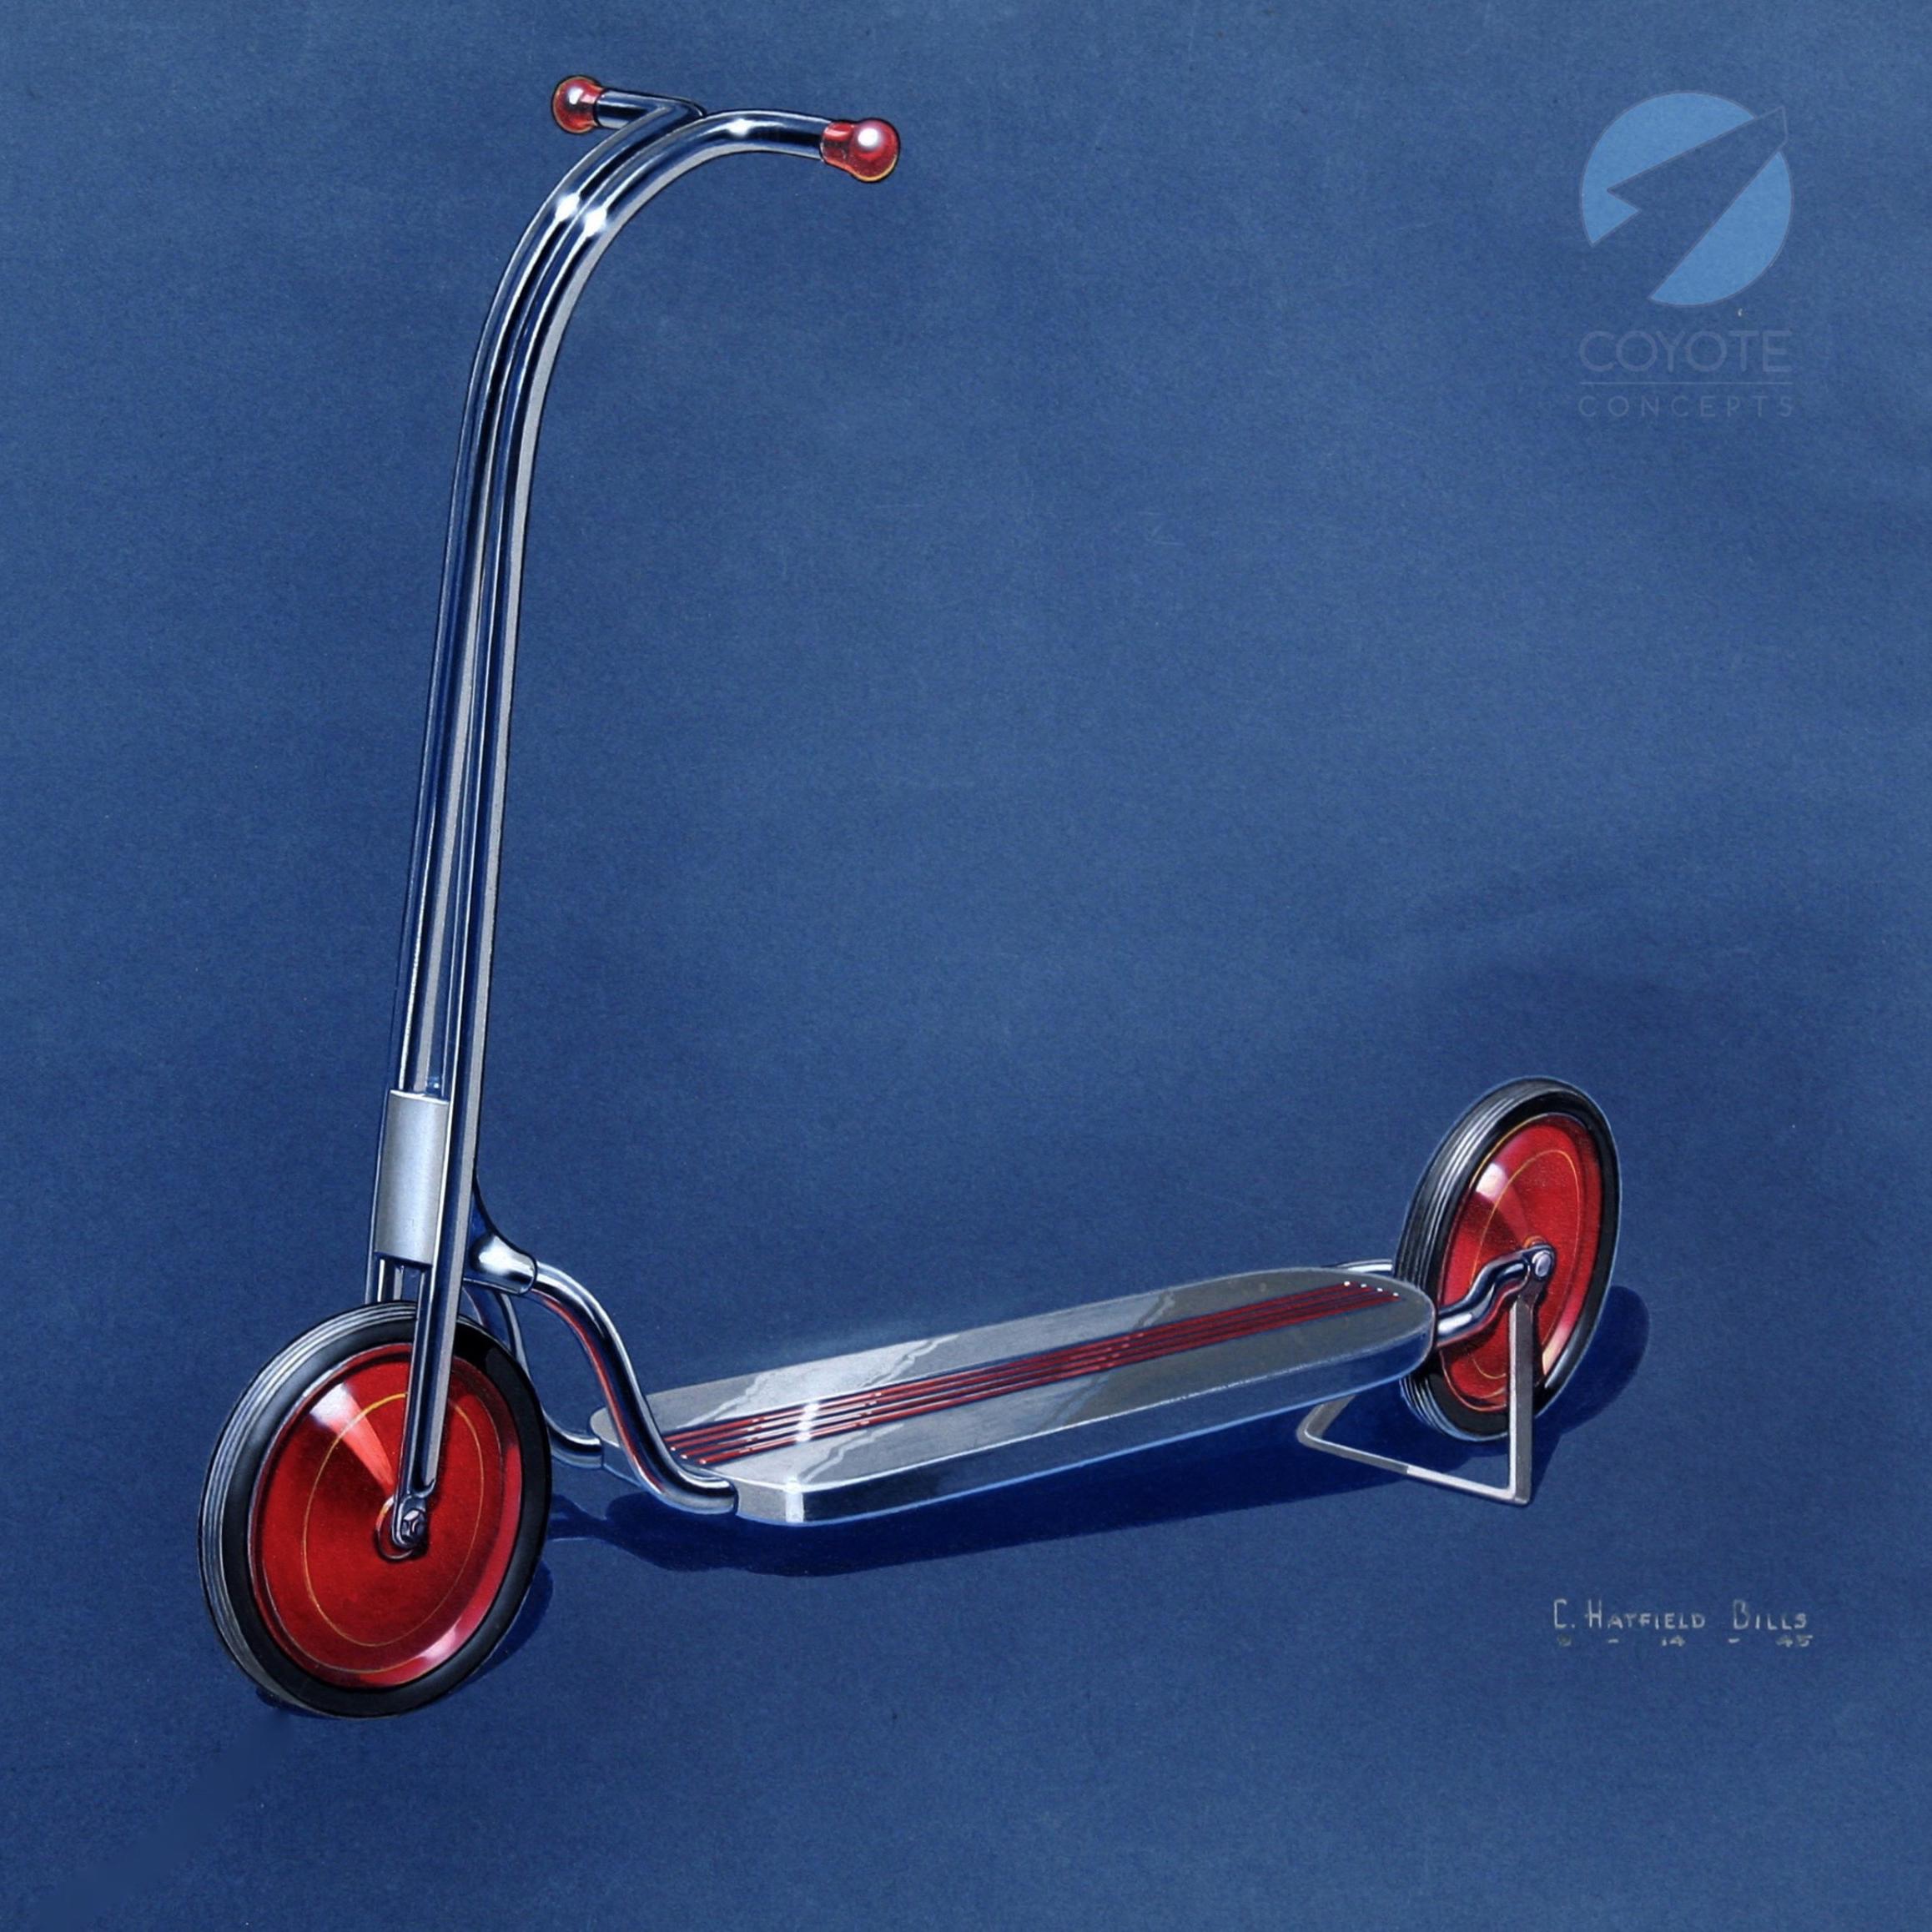 CHBills Scooter 1945.jpg